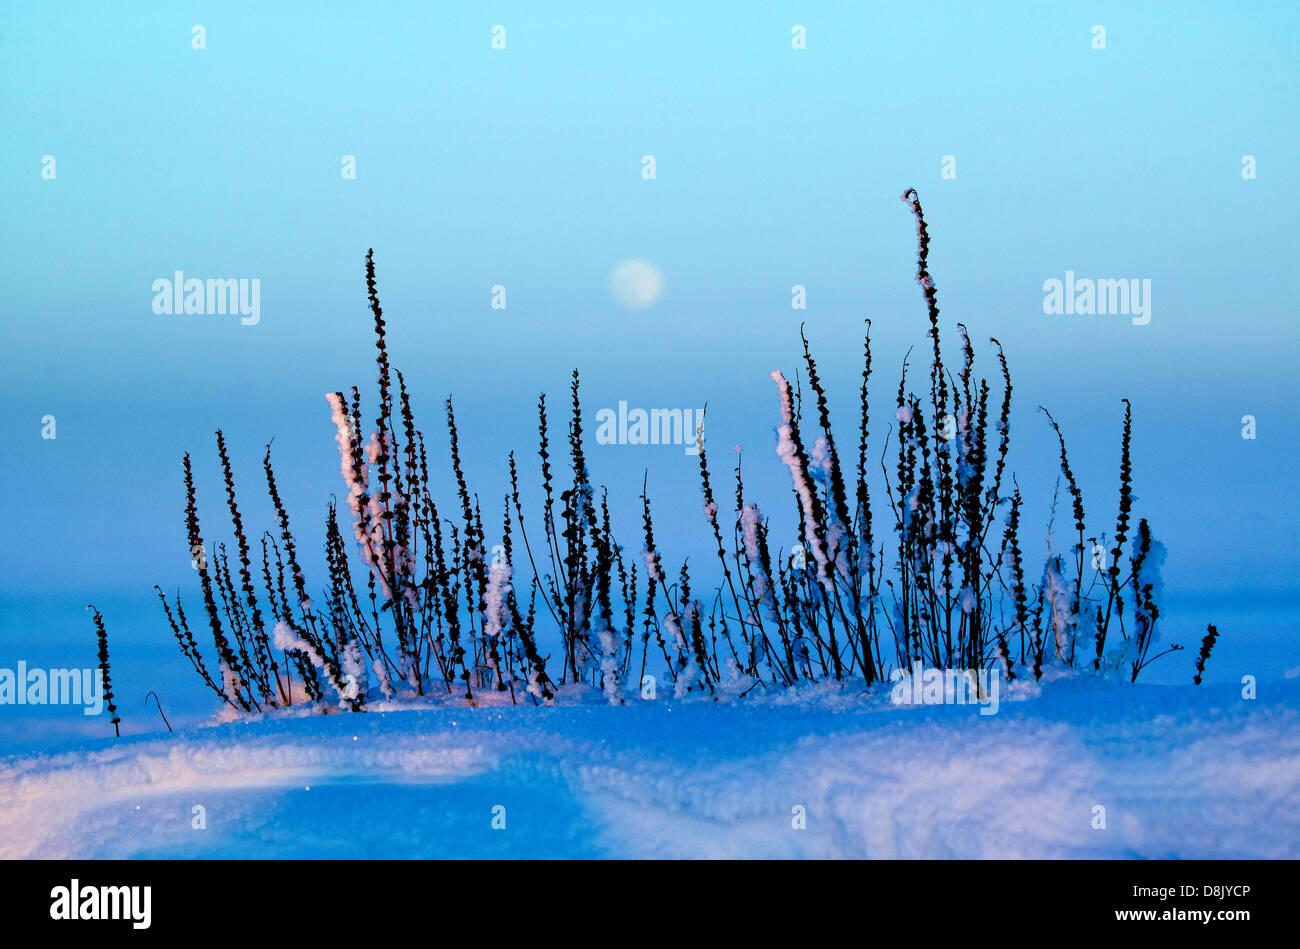 Letzten Winterlicht und aufgehenden Mond am Moskjæra im See Vansjø, Råde Kommune, Østfold Fylke, Stockbild